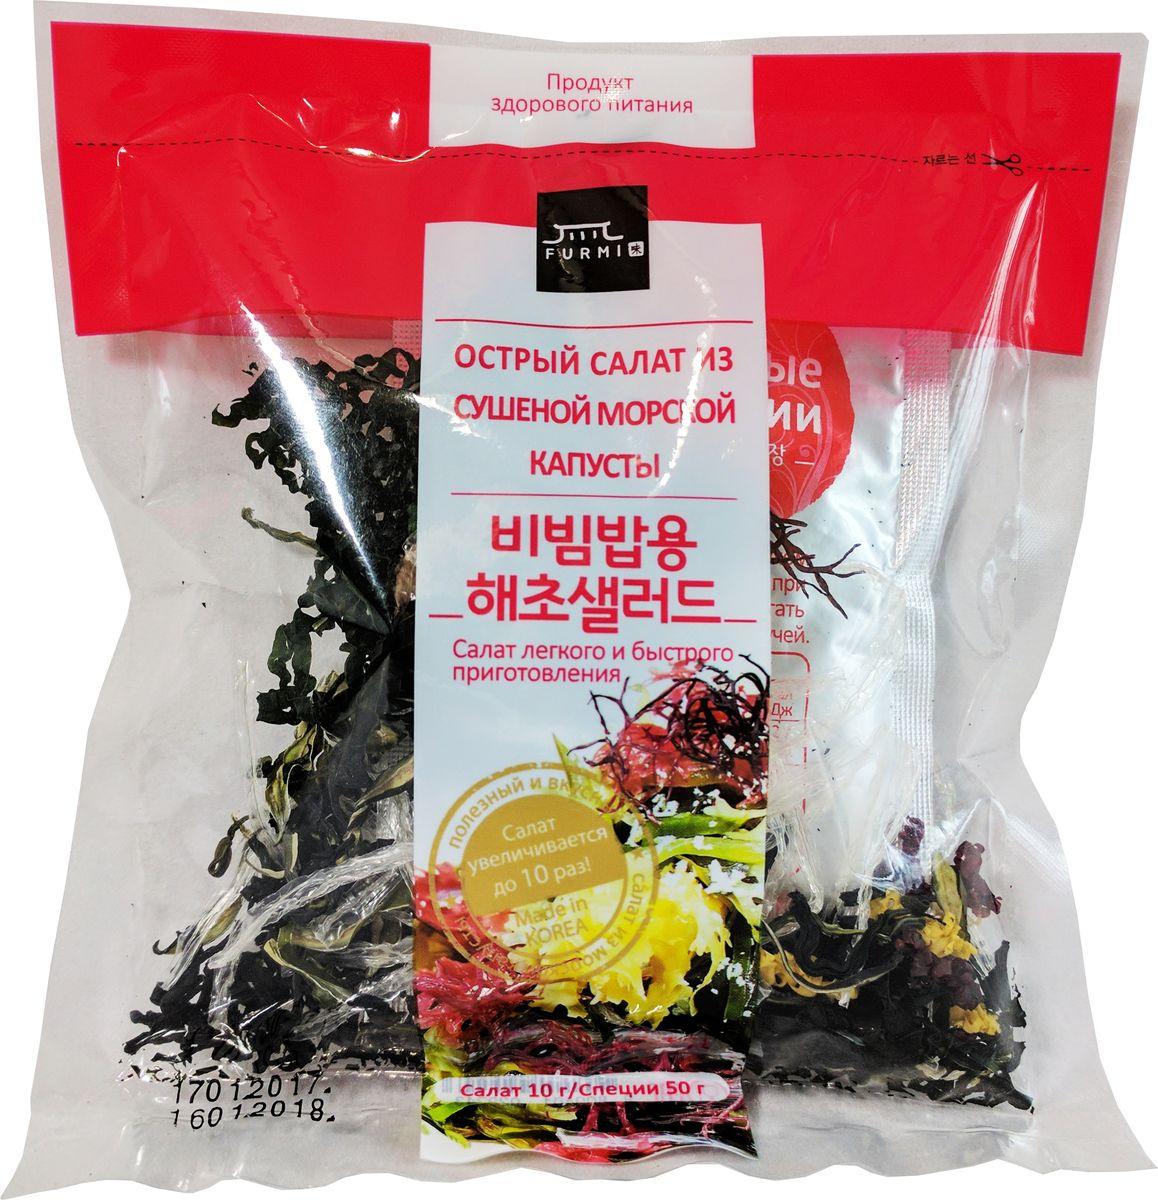 Furmi Kim острый салат из сушеной морской капусты со специями, 60 г0120710Острый салат из сушеной морской капусты Furmi Kim – это простое и питательное блюдо с отличным вкусом, которое понравится всем ценителям традиционной корейской кухни. Солоноватые водоросли, приправленные жгучим перцем и чесноком, будут к месту в любом рационе и помогут сберечь здоровье, даже если вы проживаете в большом городе с плохой экологией. Морская капуста – это лучший источник йода, какой можно найти среди продуктов. Она позволяет полностью восполнить нехватку этого микроэлемента и обеспечить щитовидную железу всем, что необходимо для поддержания нормального гормонального баланса. Водоросли часто фигурируют в детокс-диетах, так как обладают свойством очищать организм от холестерина, токсинов и шлаков, засоряющих пищеварительную систему, суставы, сосуды. Кроме того, в них довольно много белка, благодаря чему даже при вегетарианской диете можно употреблять достаточное количество протеинов.